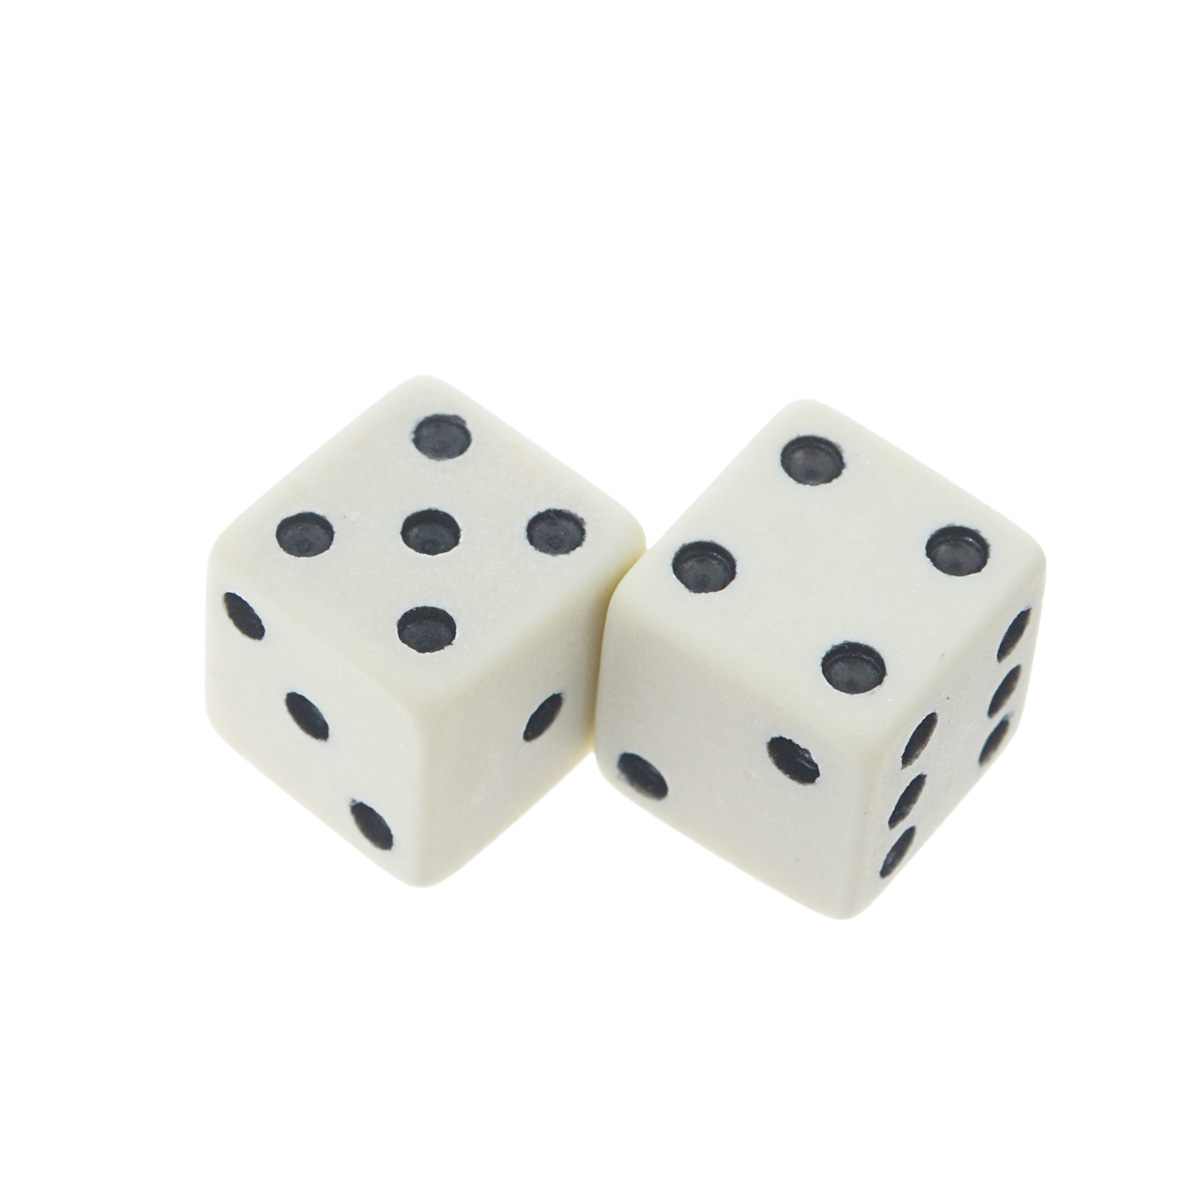 Игральные кости Компания Игра Кости игральные , цвет: белый, размер:1 см, 2 шт. К10-1